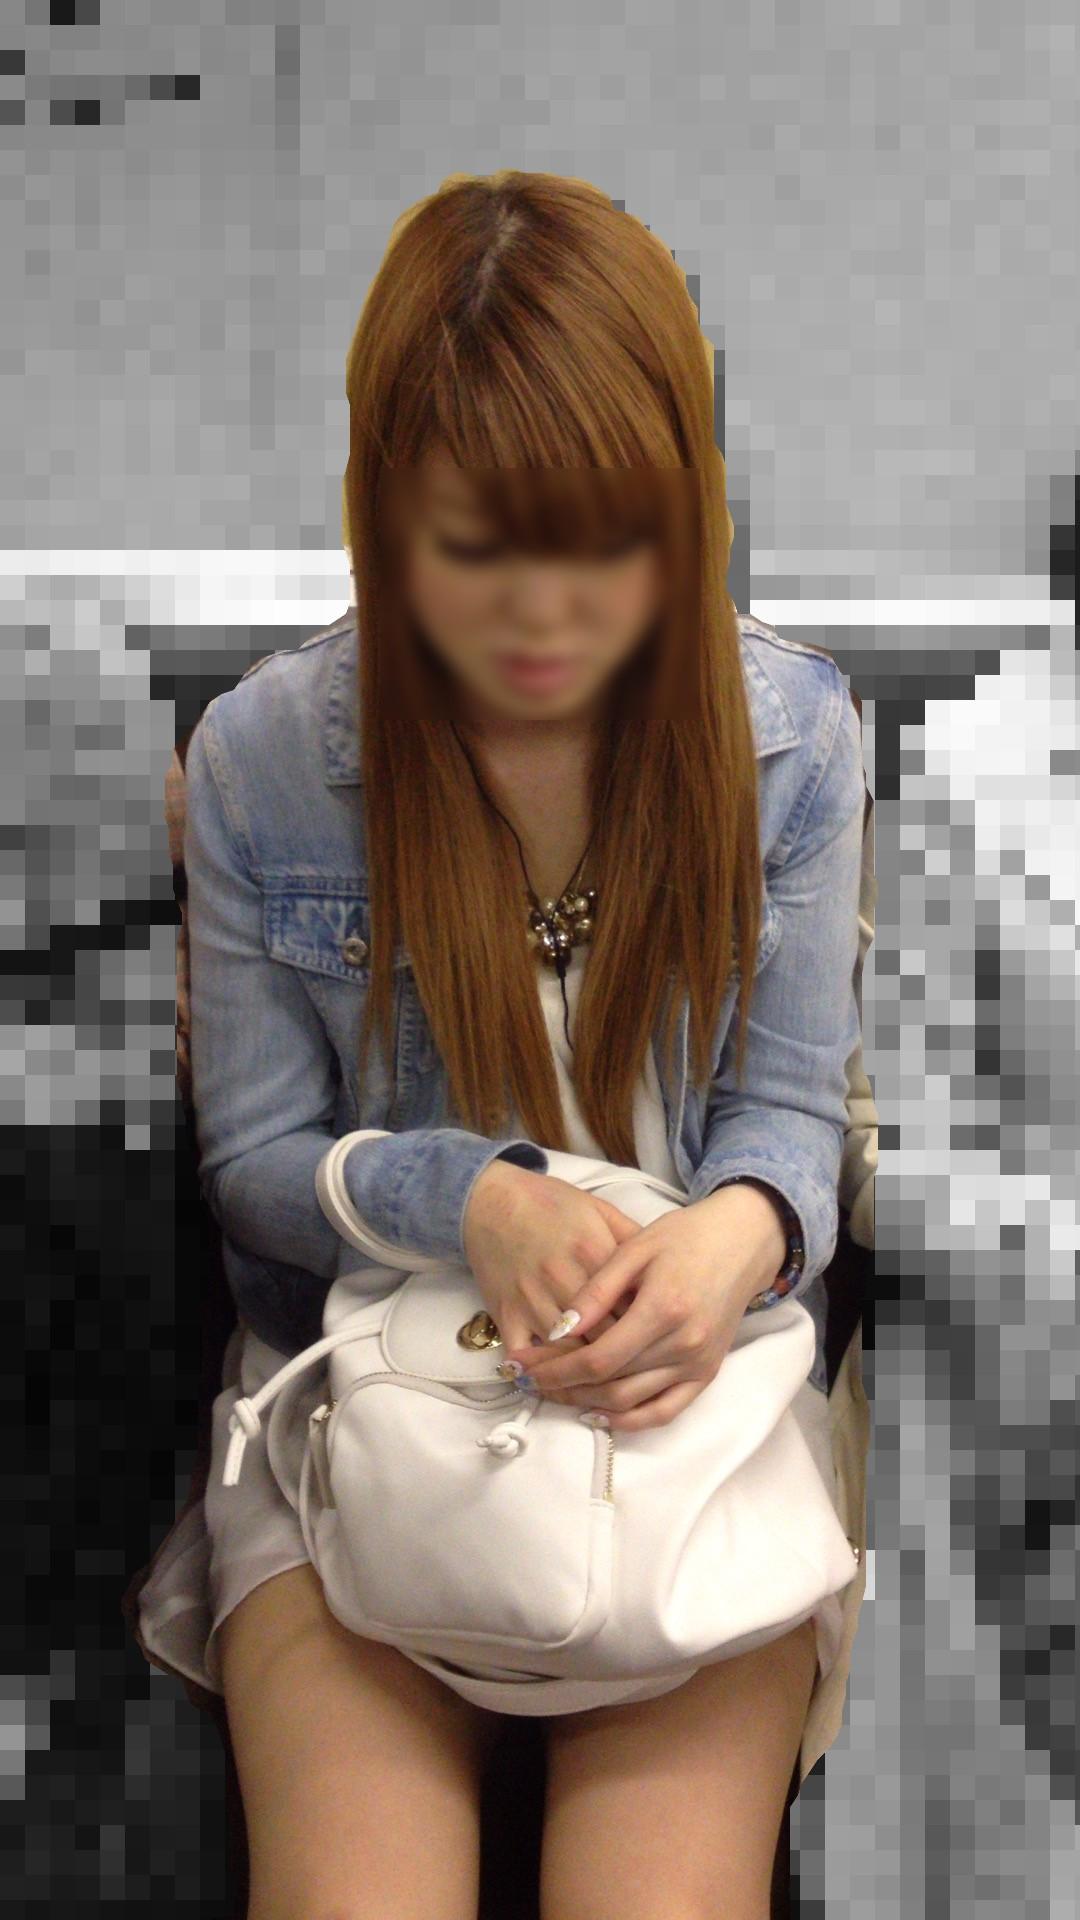 列車内にてミニスカシロウト小娘を発見~☆ワイのスマホ秘密撮影の腕がなるぜwwwwwwwwwwwwww(写真あり)